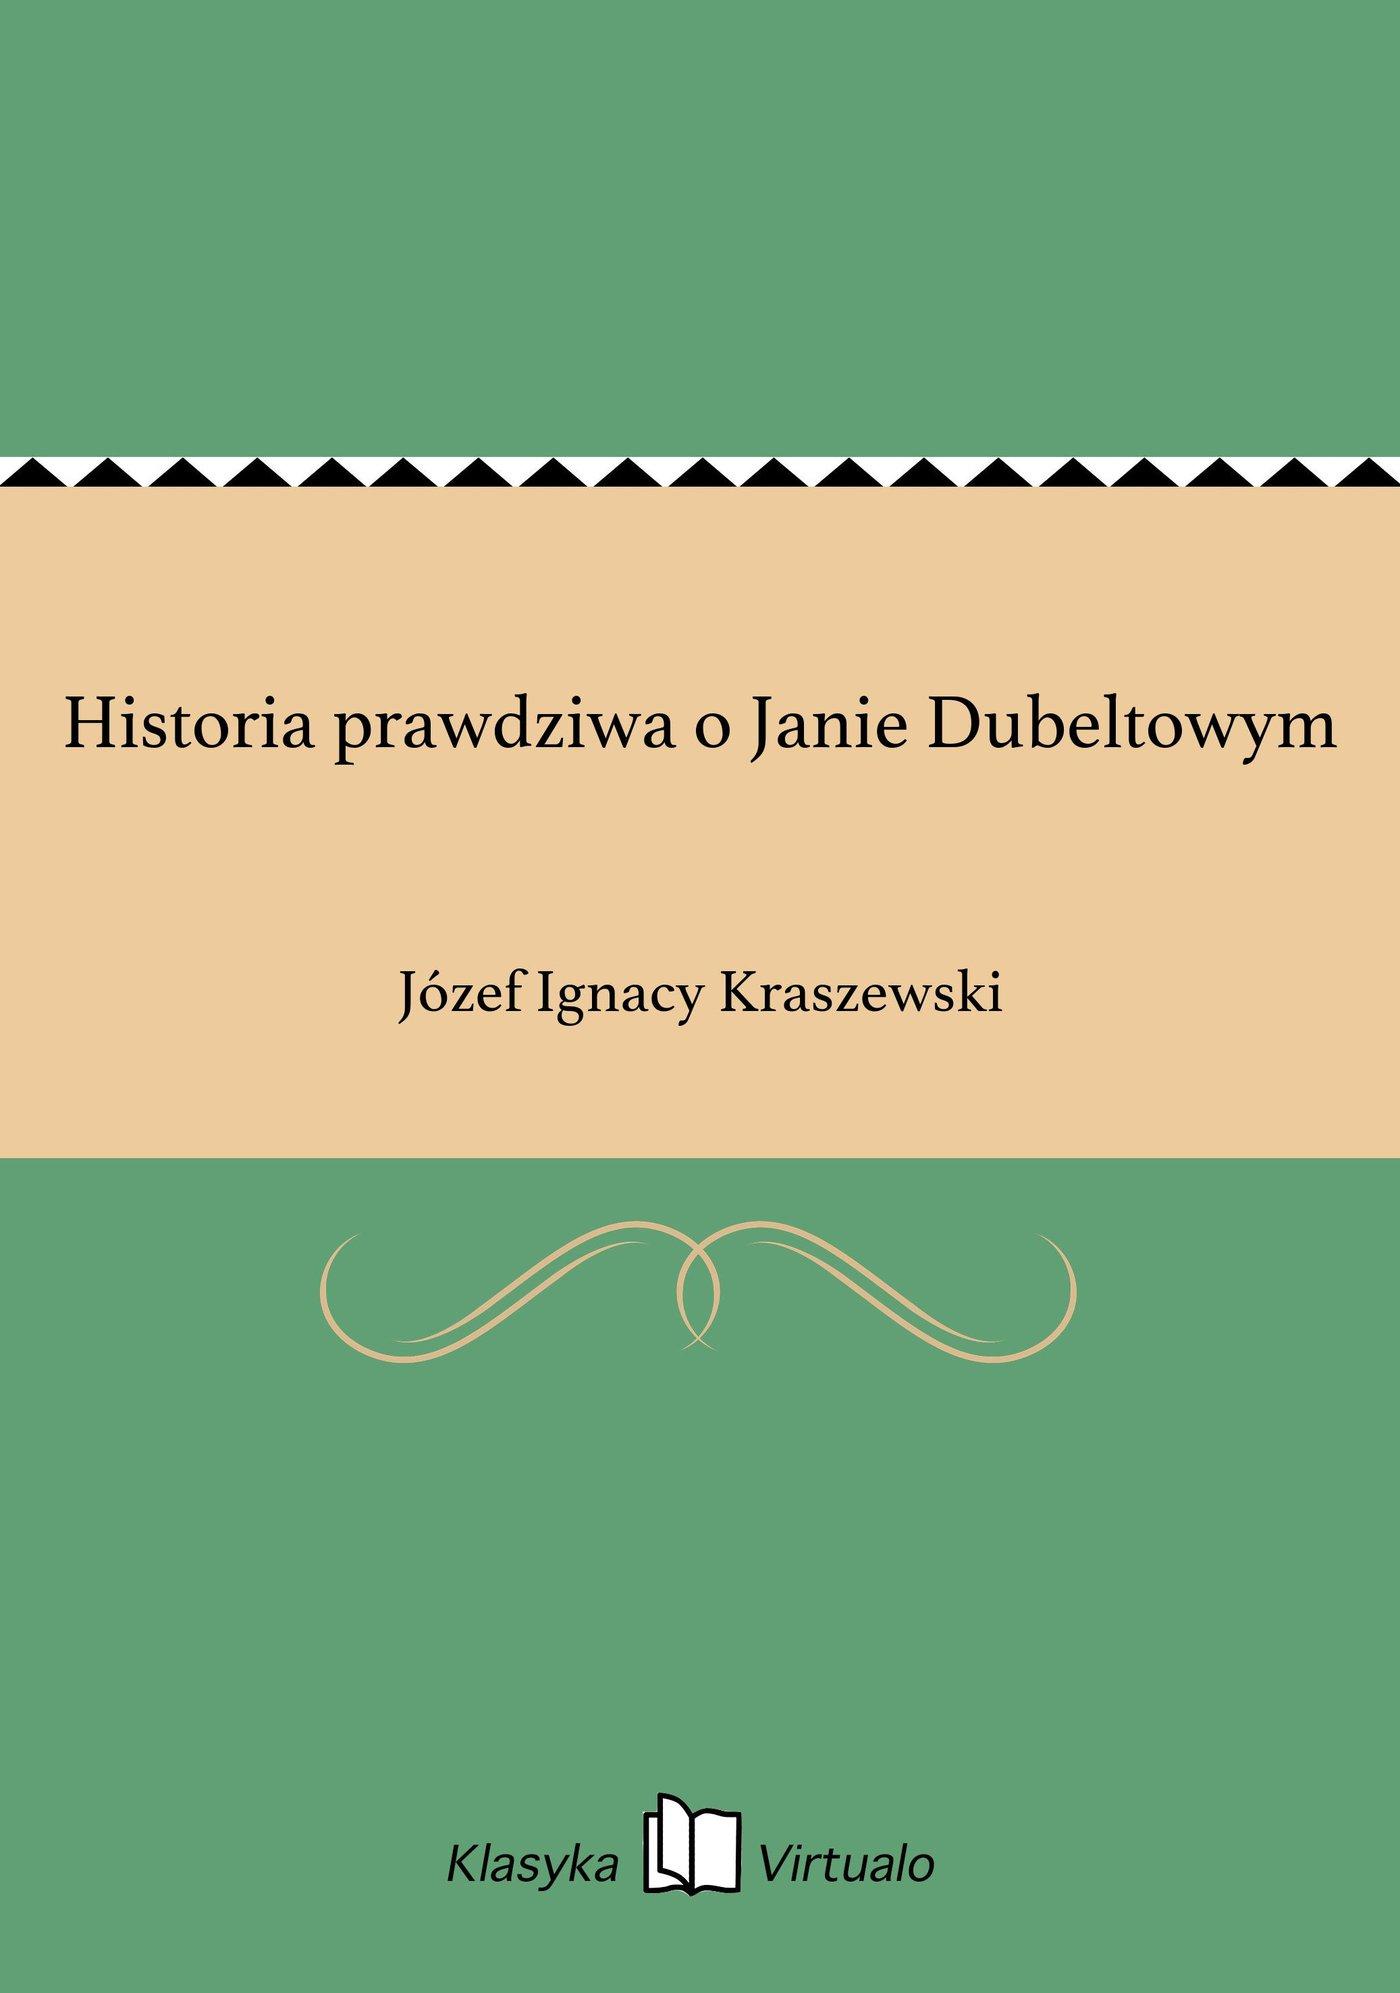 Historia prawdziwa o Janie Dubeltowym - Ebook (Książka na Kindle) do pobrania w formacie MOBI